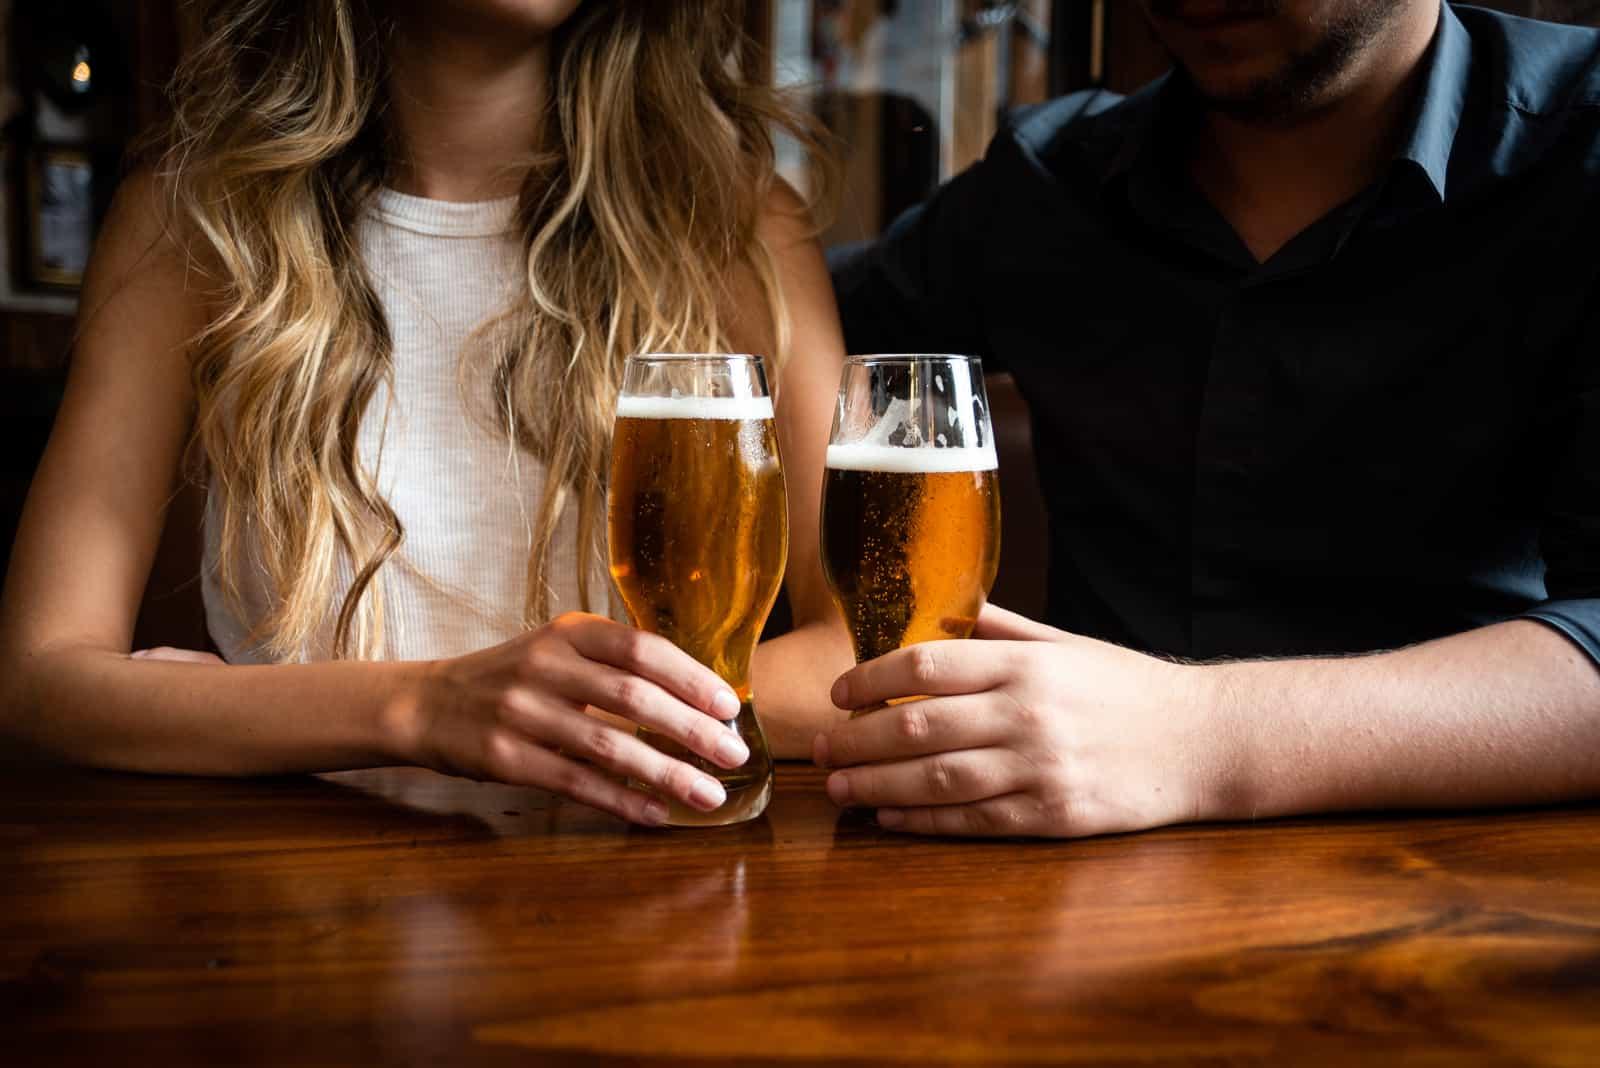 Ein Mann und eine Frau trinken Bier